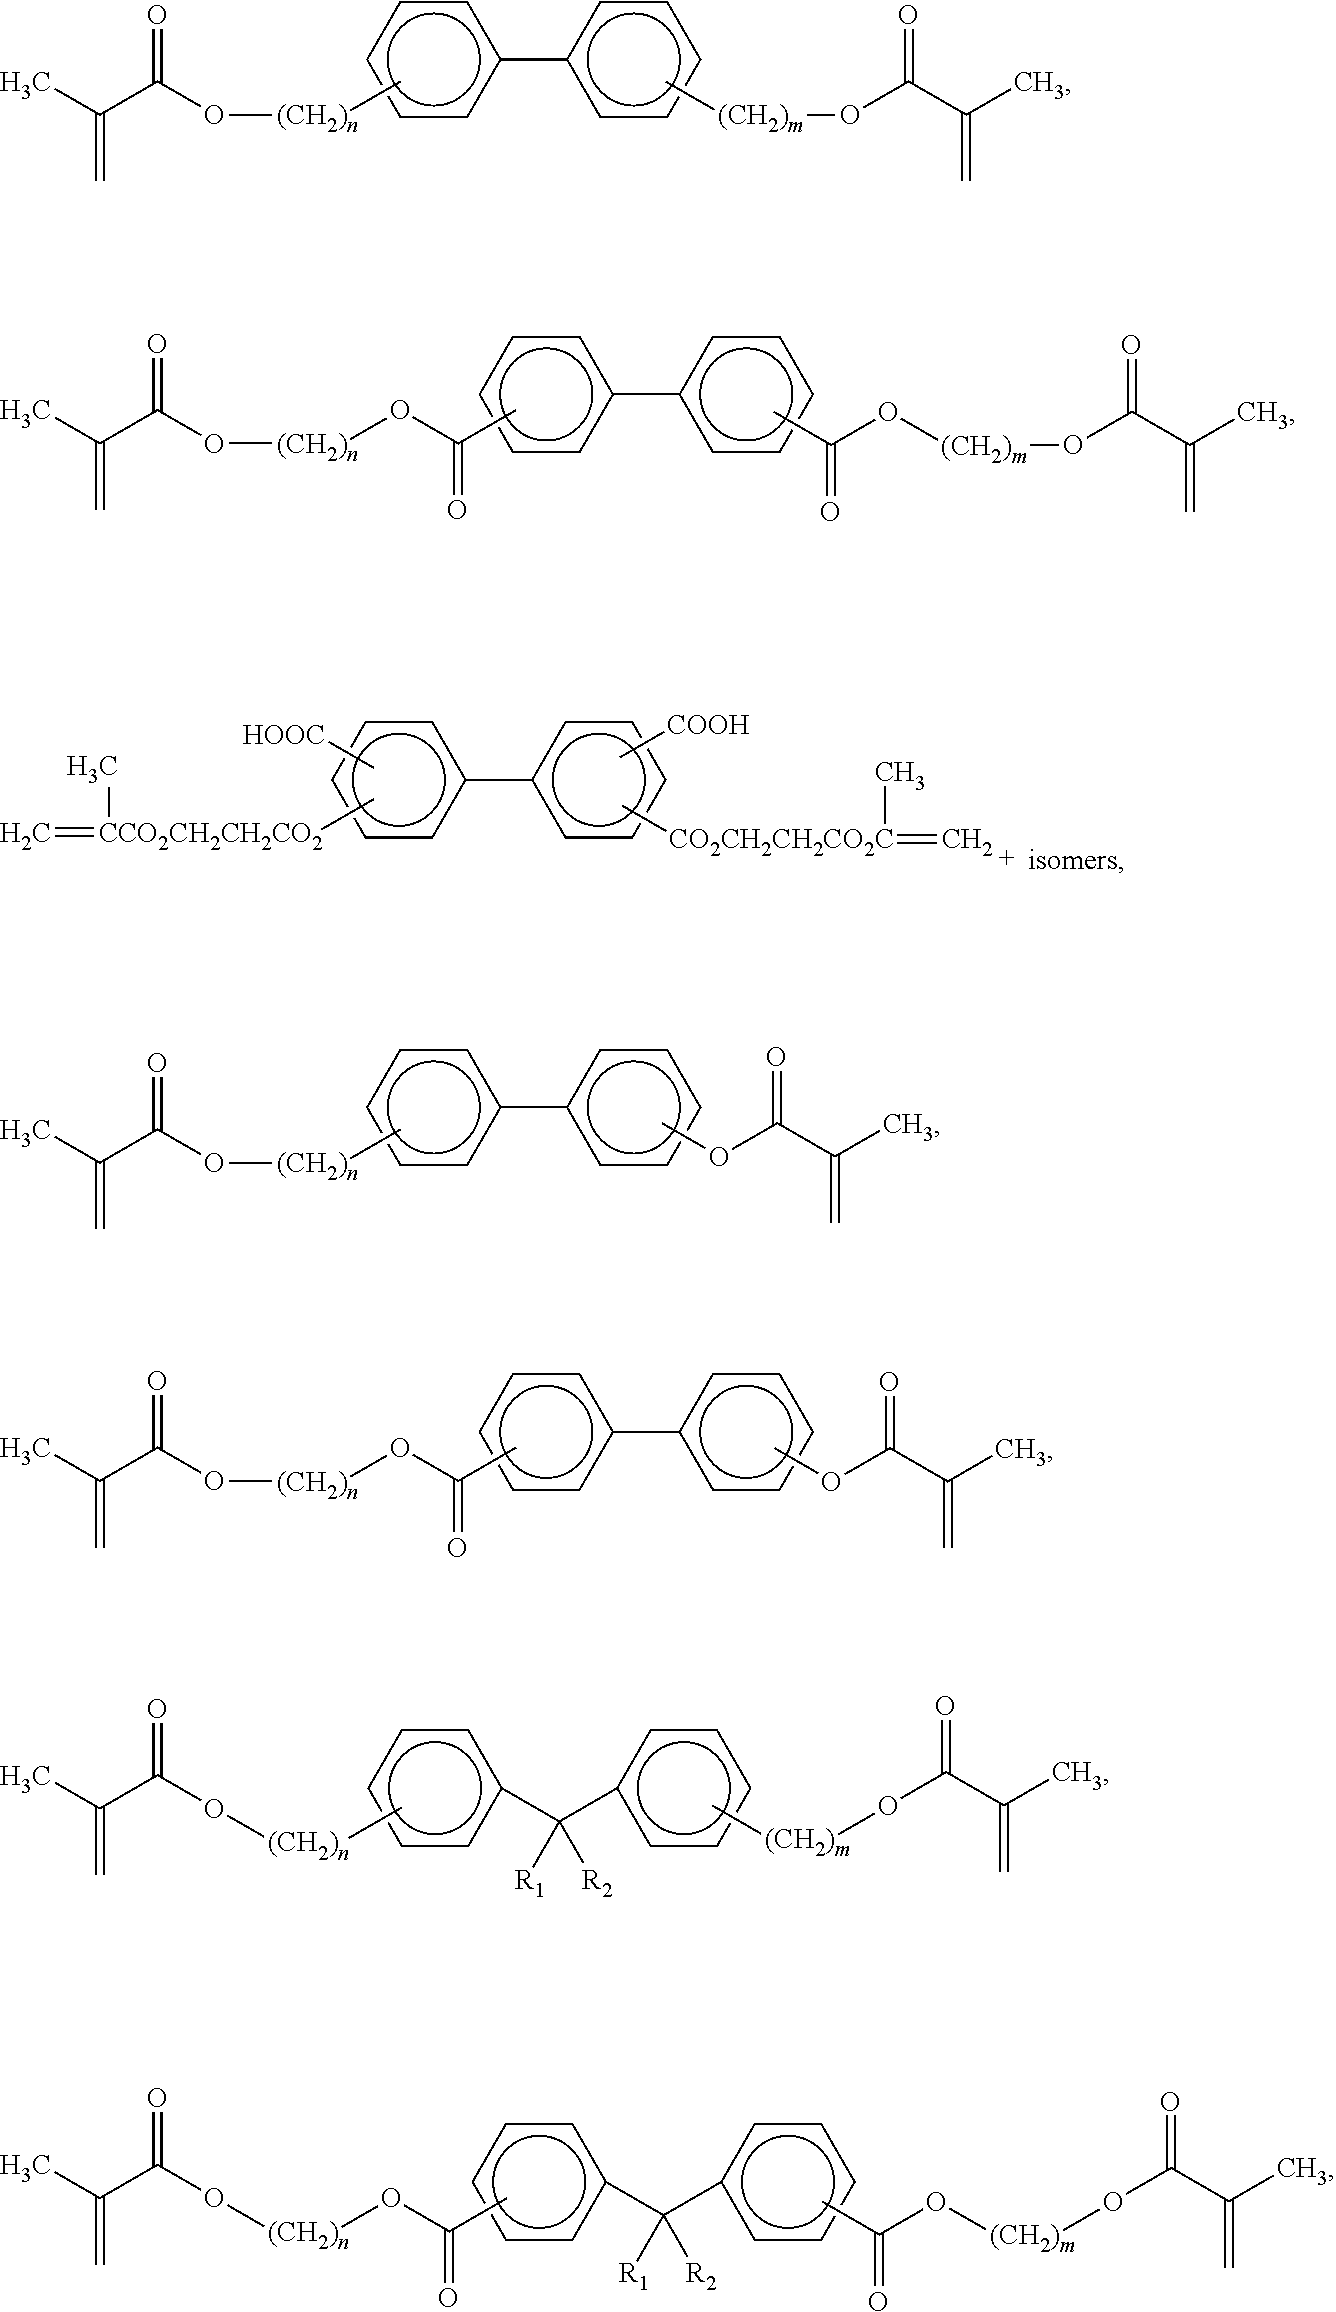 Figure US09605175-20170328-C00001